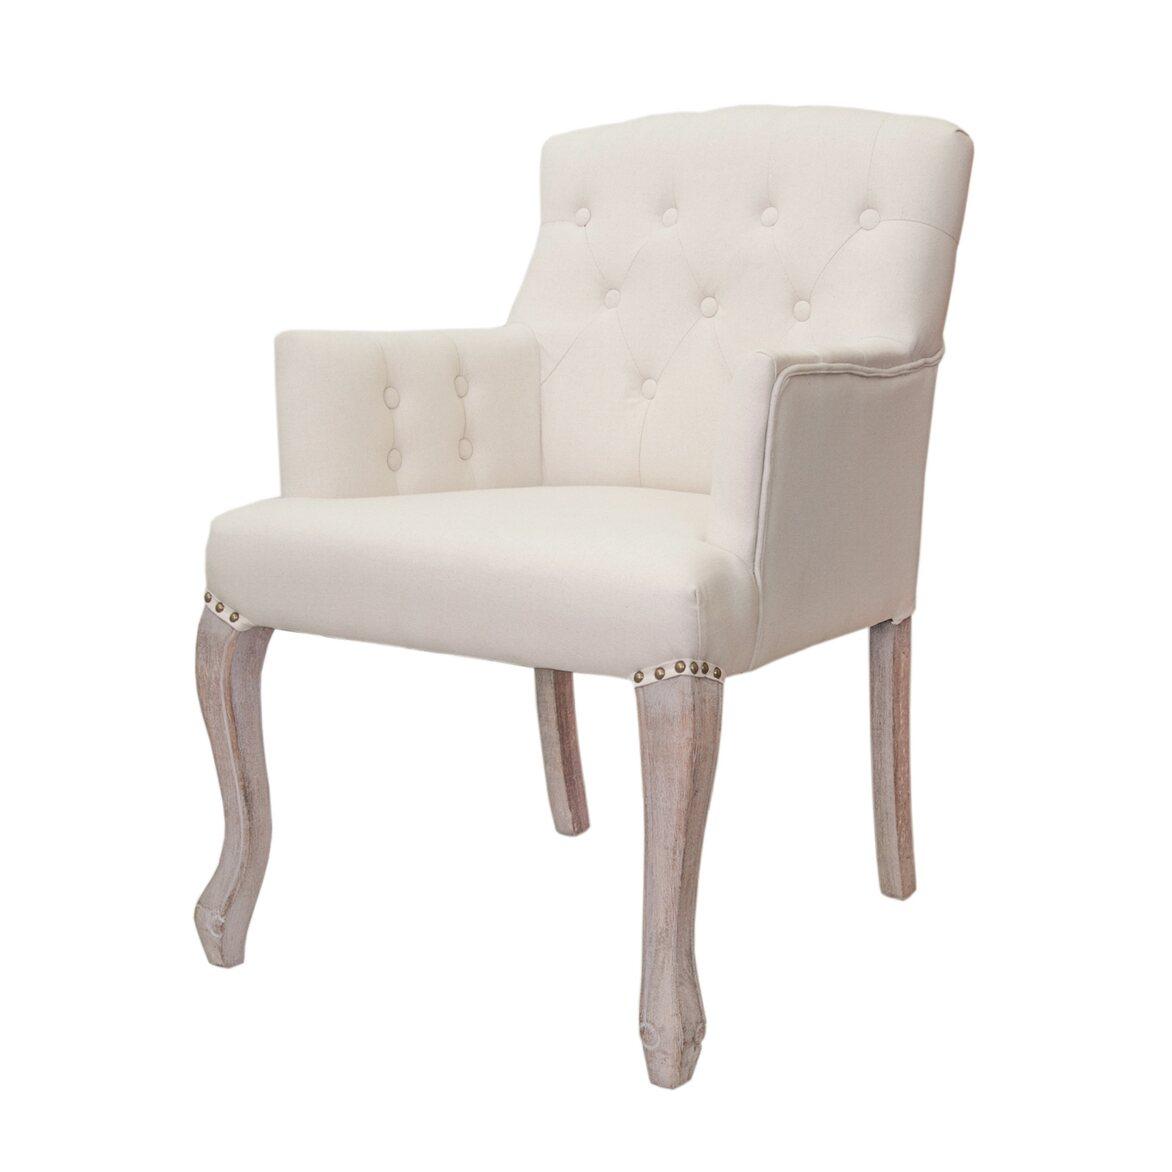 Кресло Deron beige ver.2 4 | Кресло-стул Kingsby